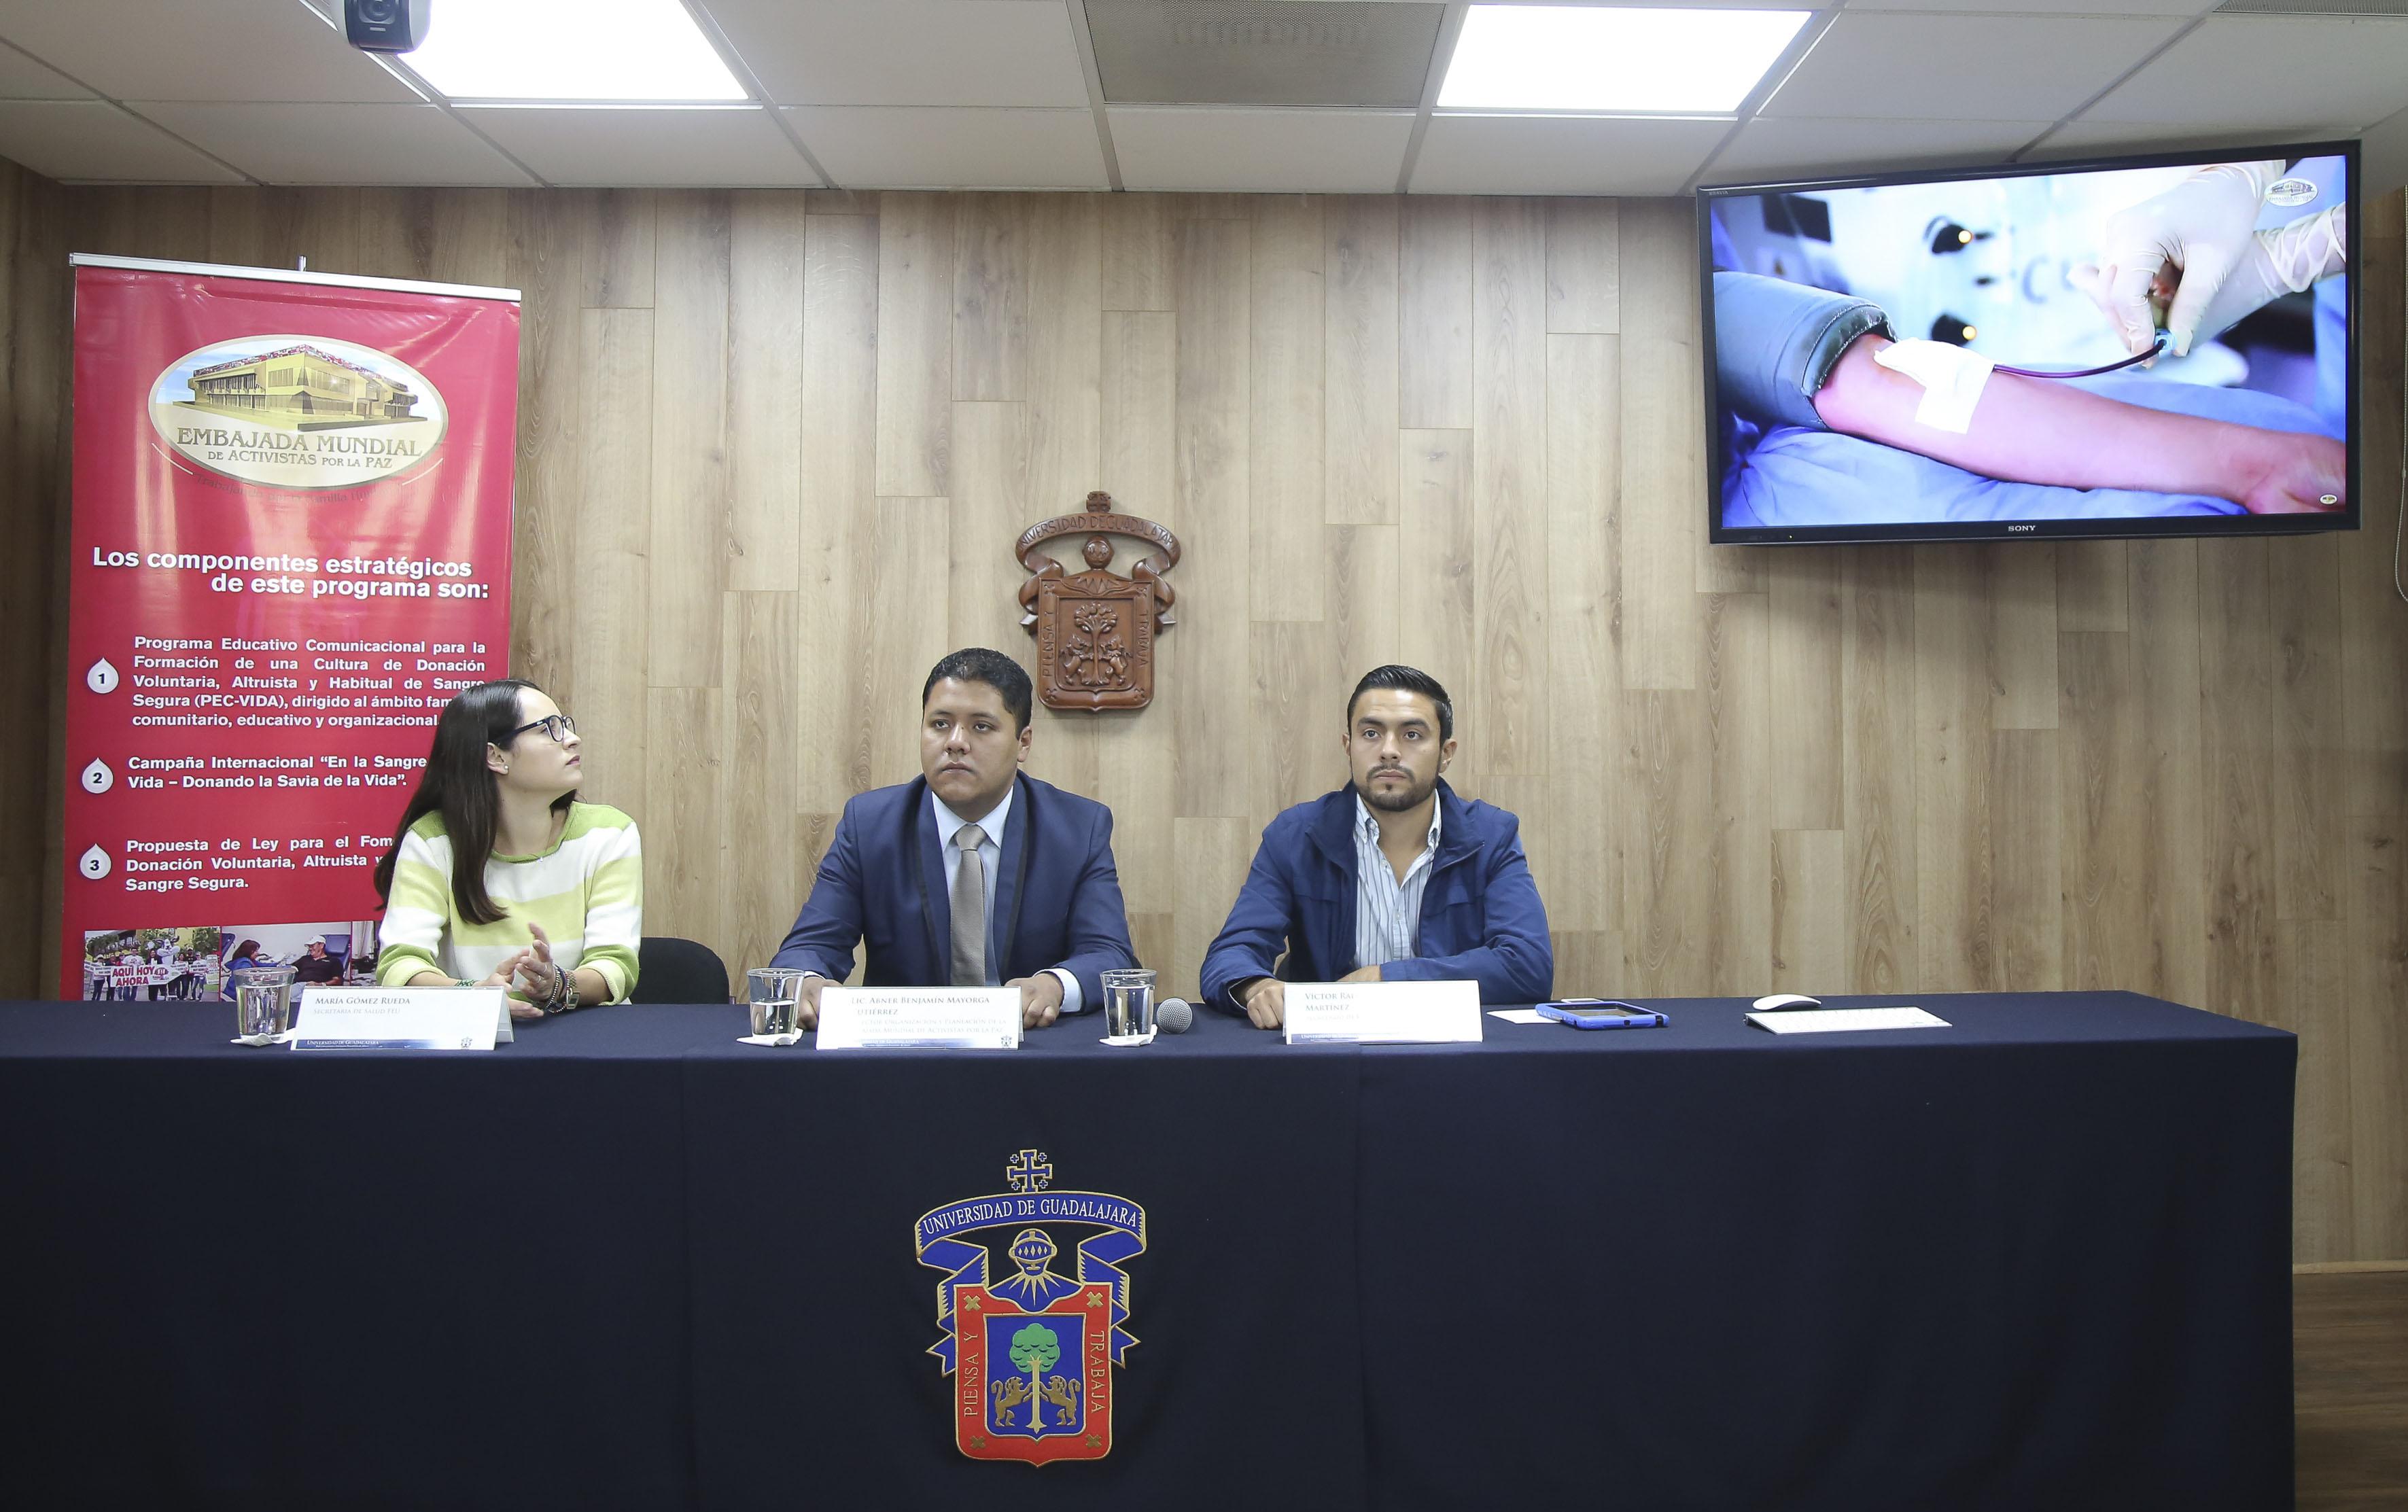 """Rueda de prensa para anunciar que durante enero y febrero del próximo año se realizará la campaña """"Sangre de León"""" en los centros universitarios regionales de la UdeG"""